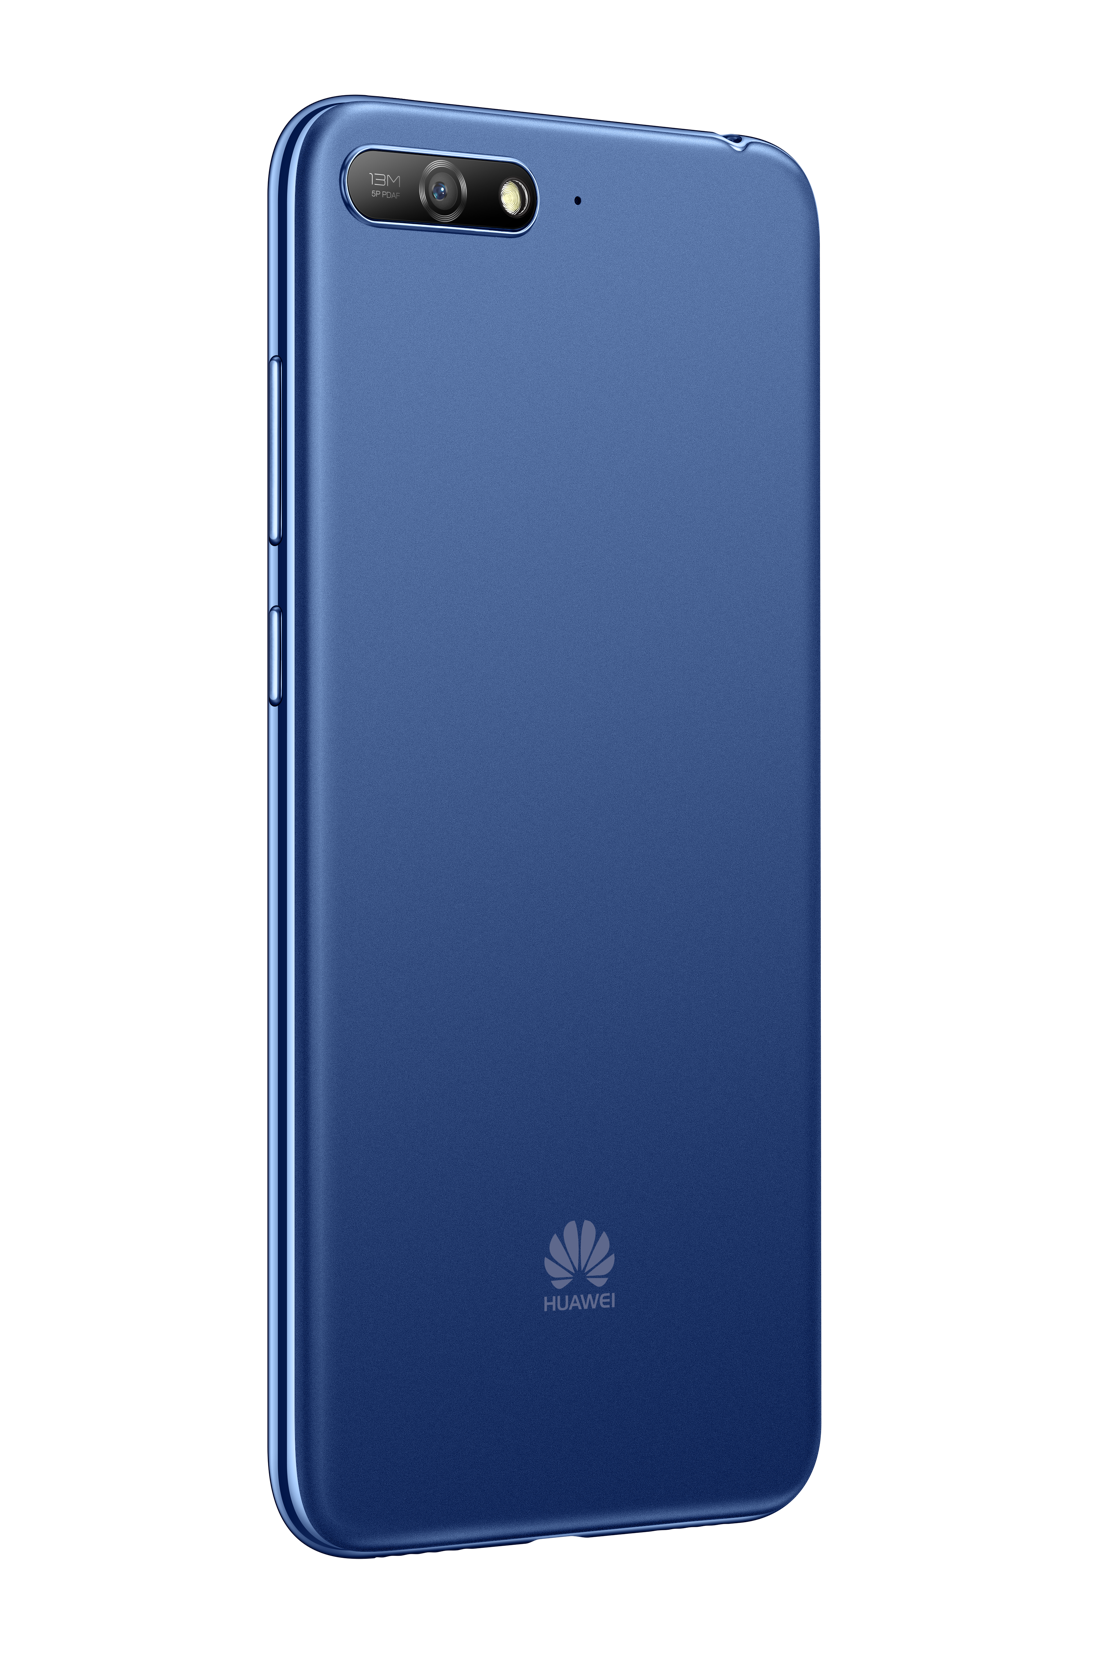 Plezier en prestaties met nieuwe Huawei Y-serie, die meer biedt voor minder geld